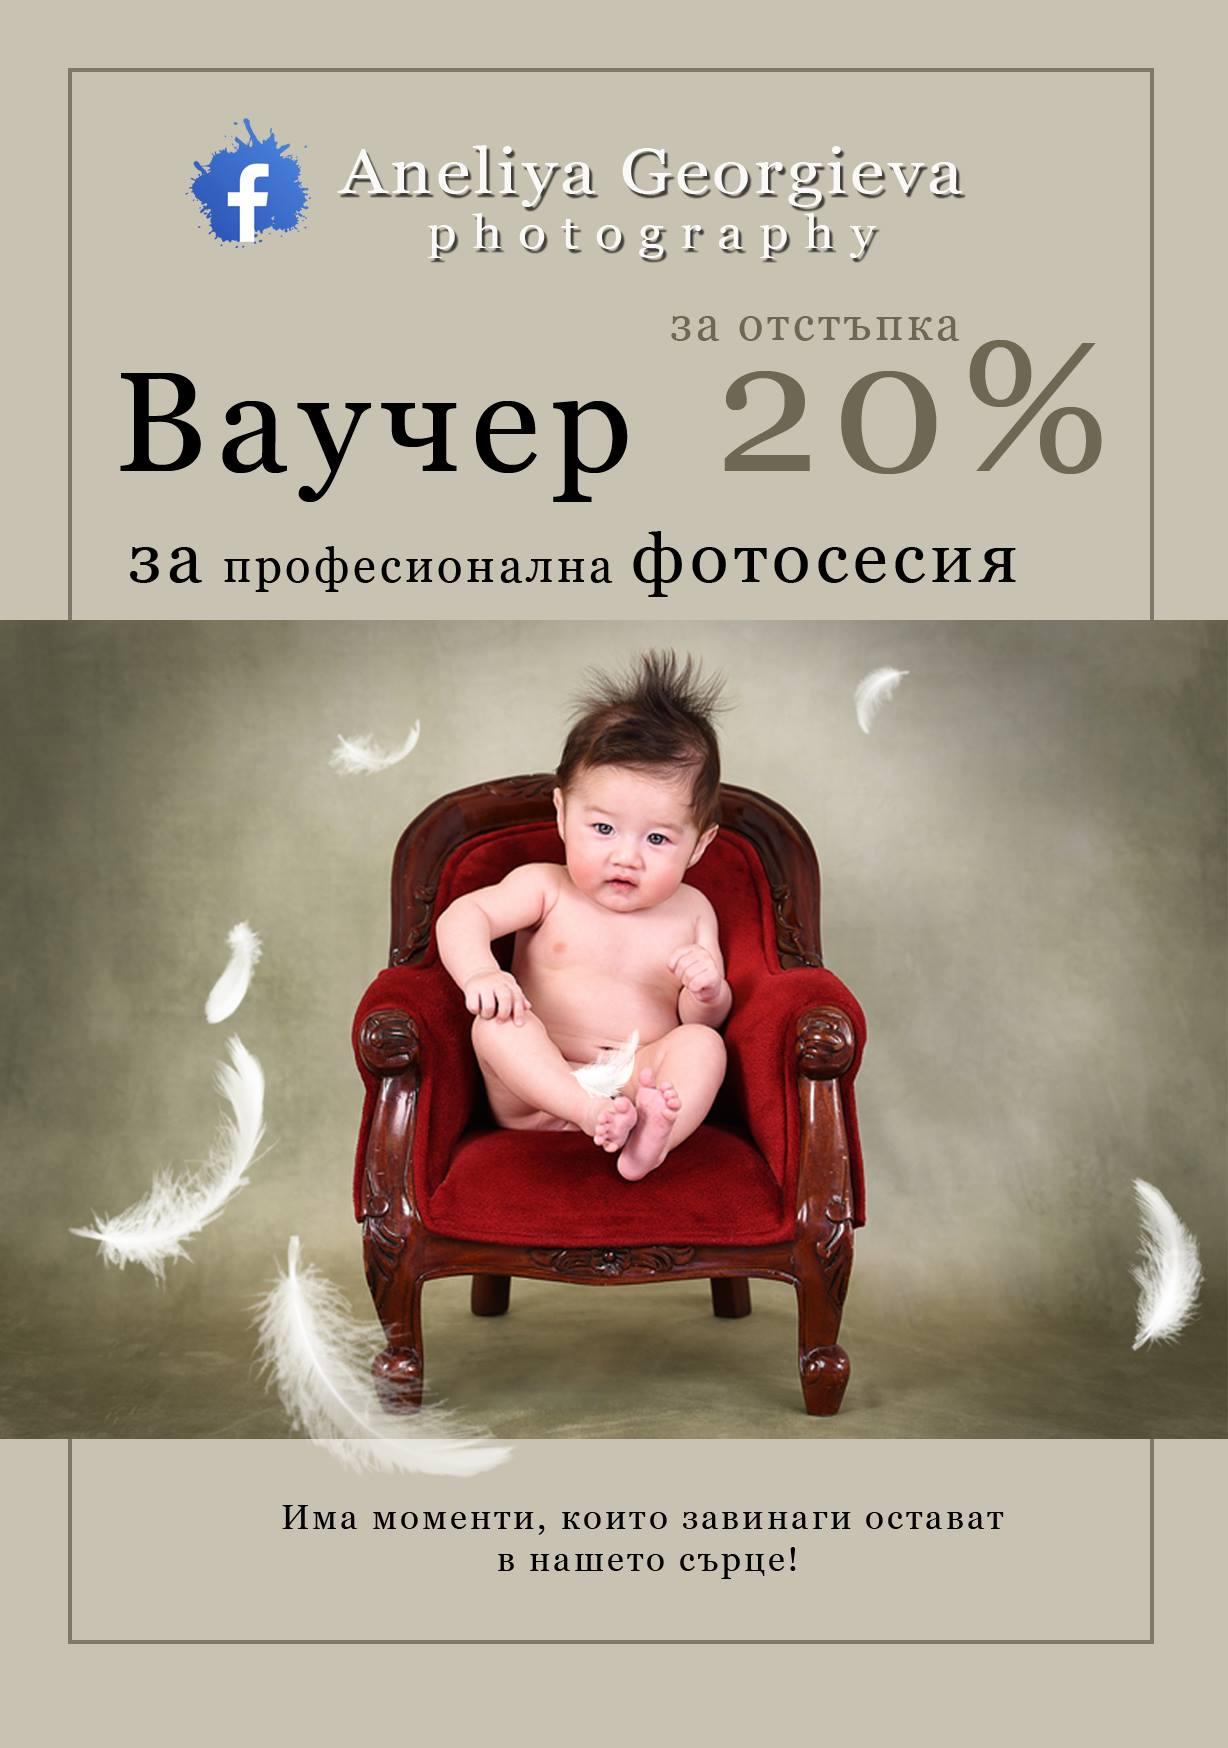 Фотозаснемане на изсписването на новороденото от болница